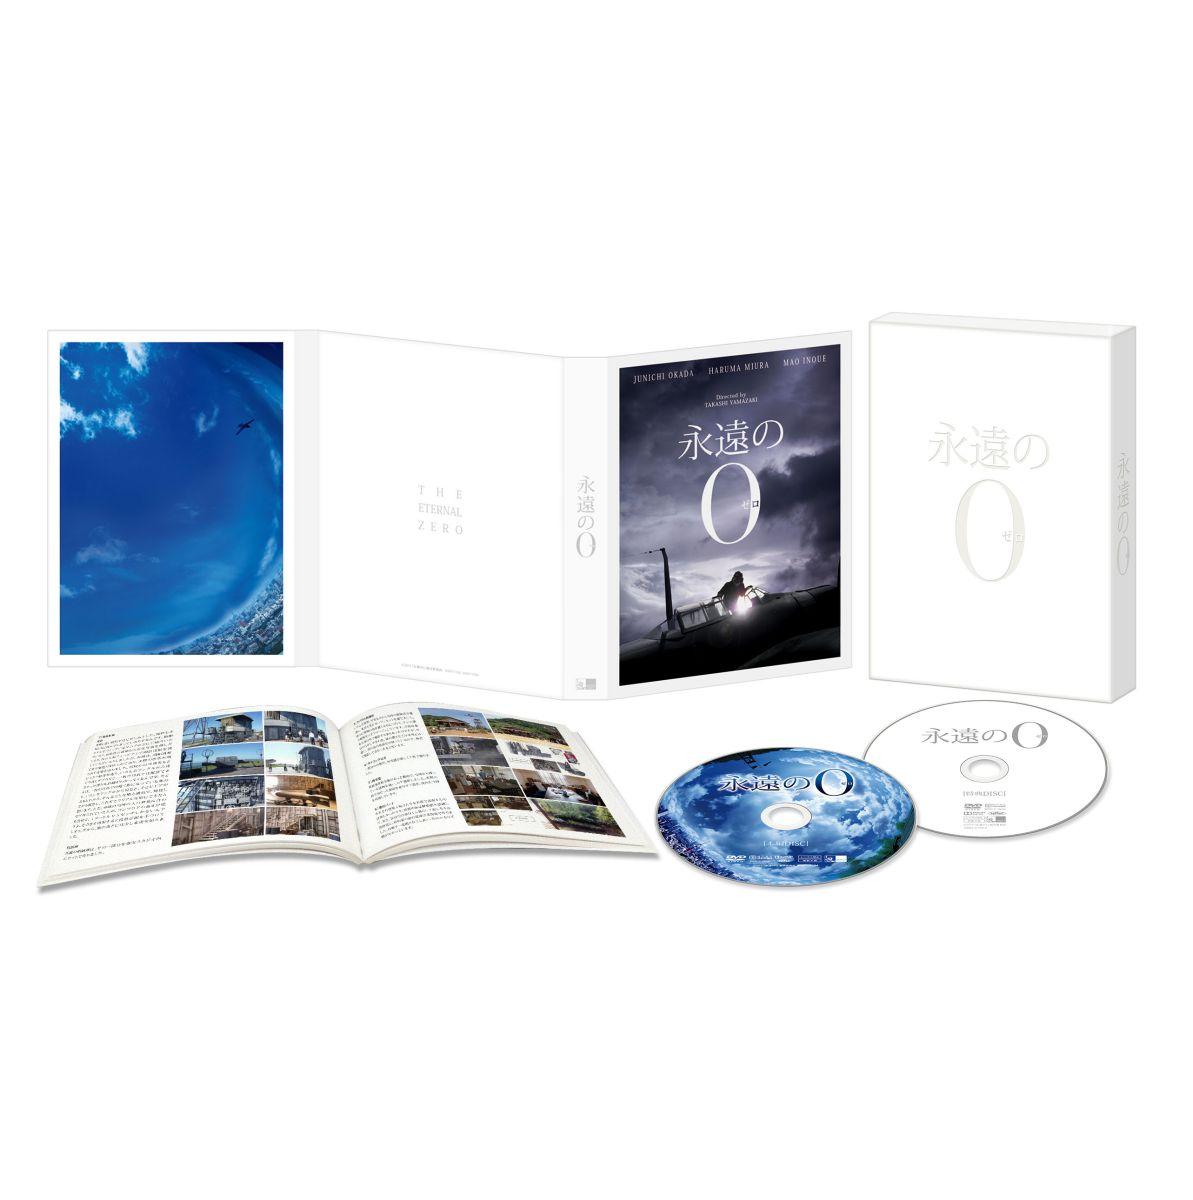 永遠の0 DVD豪華版 初回生産限定仕様[ASBY-5784][DVD] 製品画像